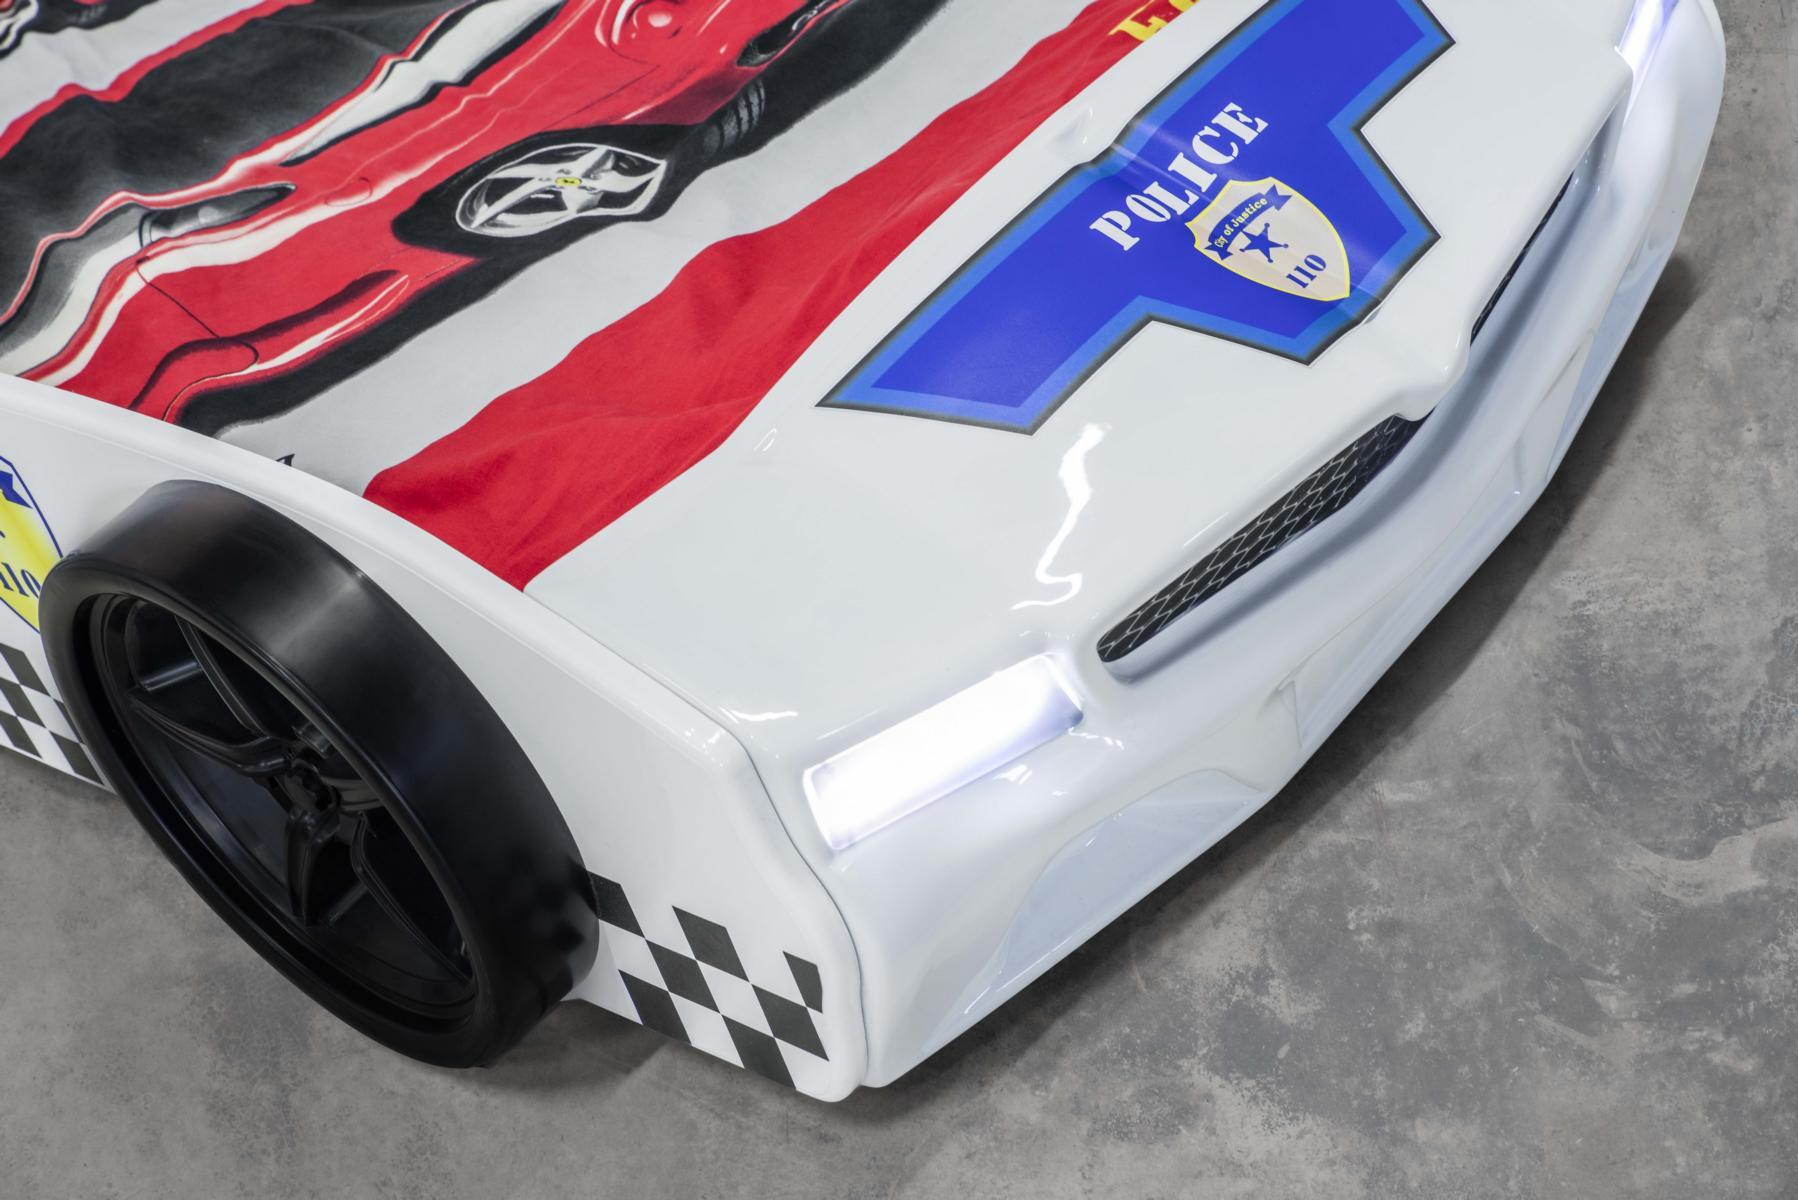 Autobett Kinderzimmer Set Police Weiß 4-teilig